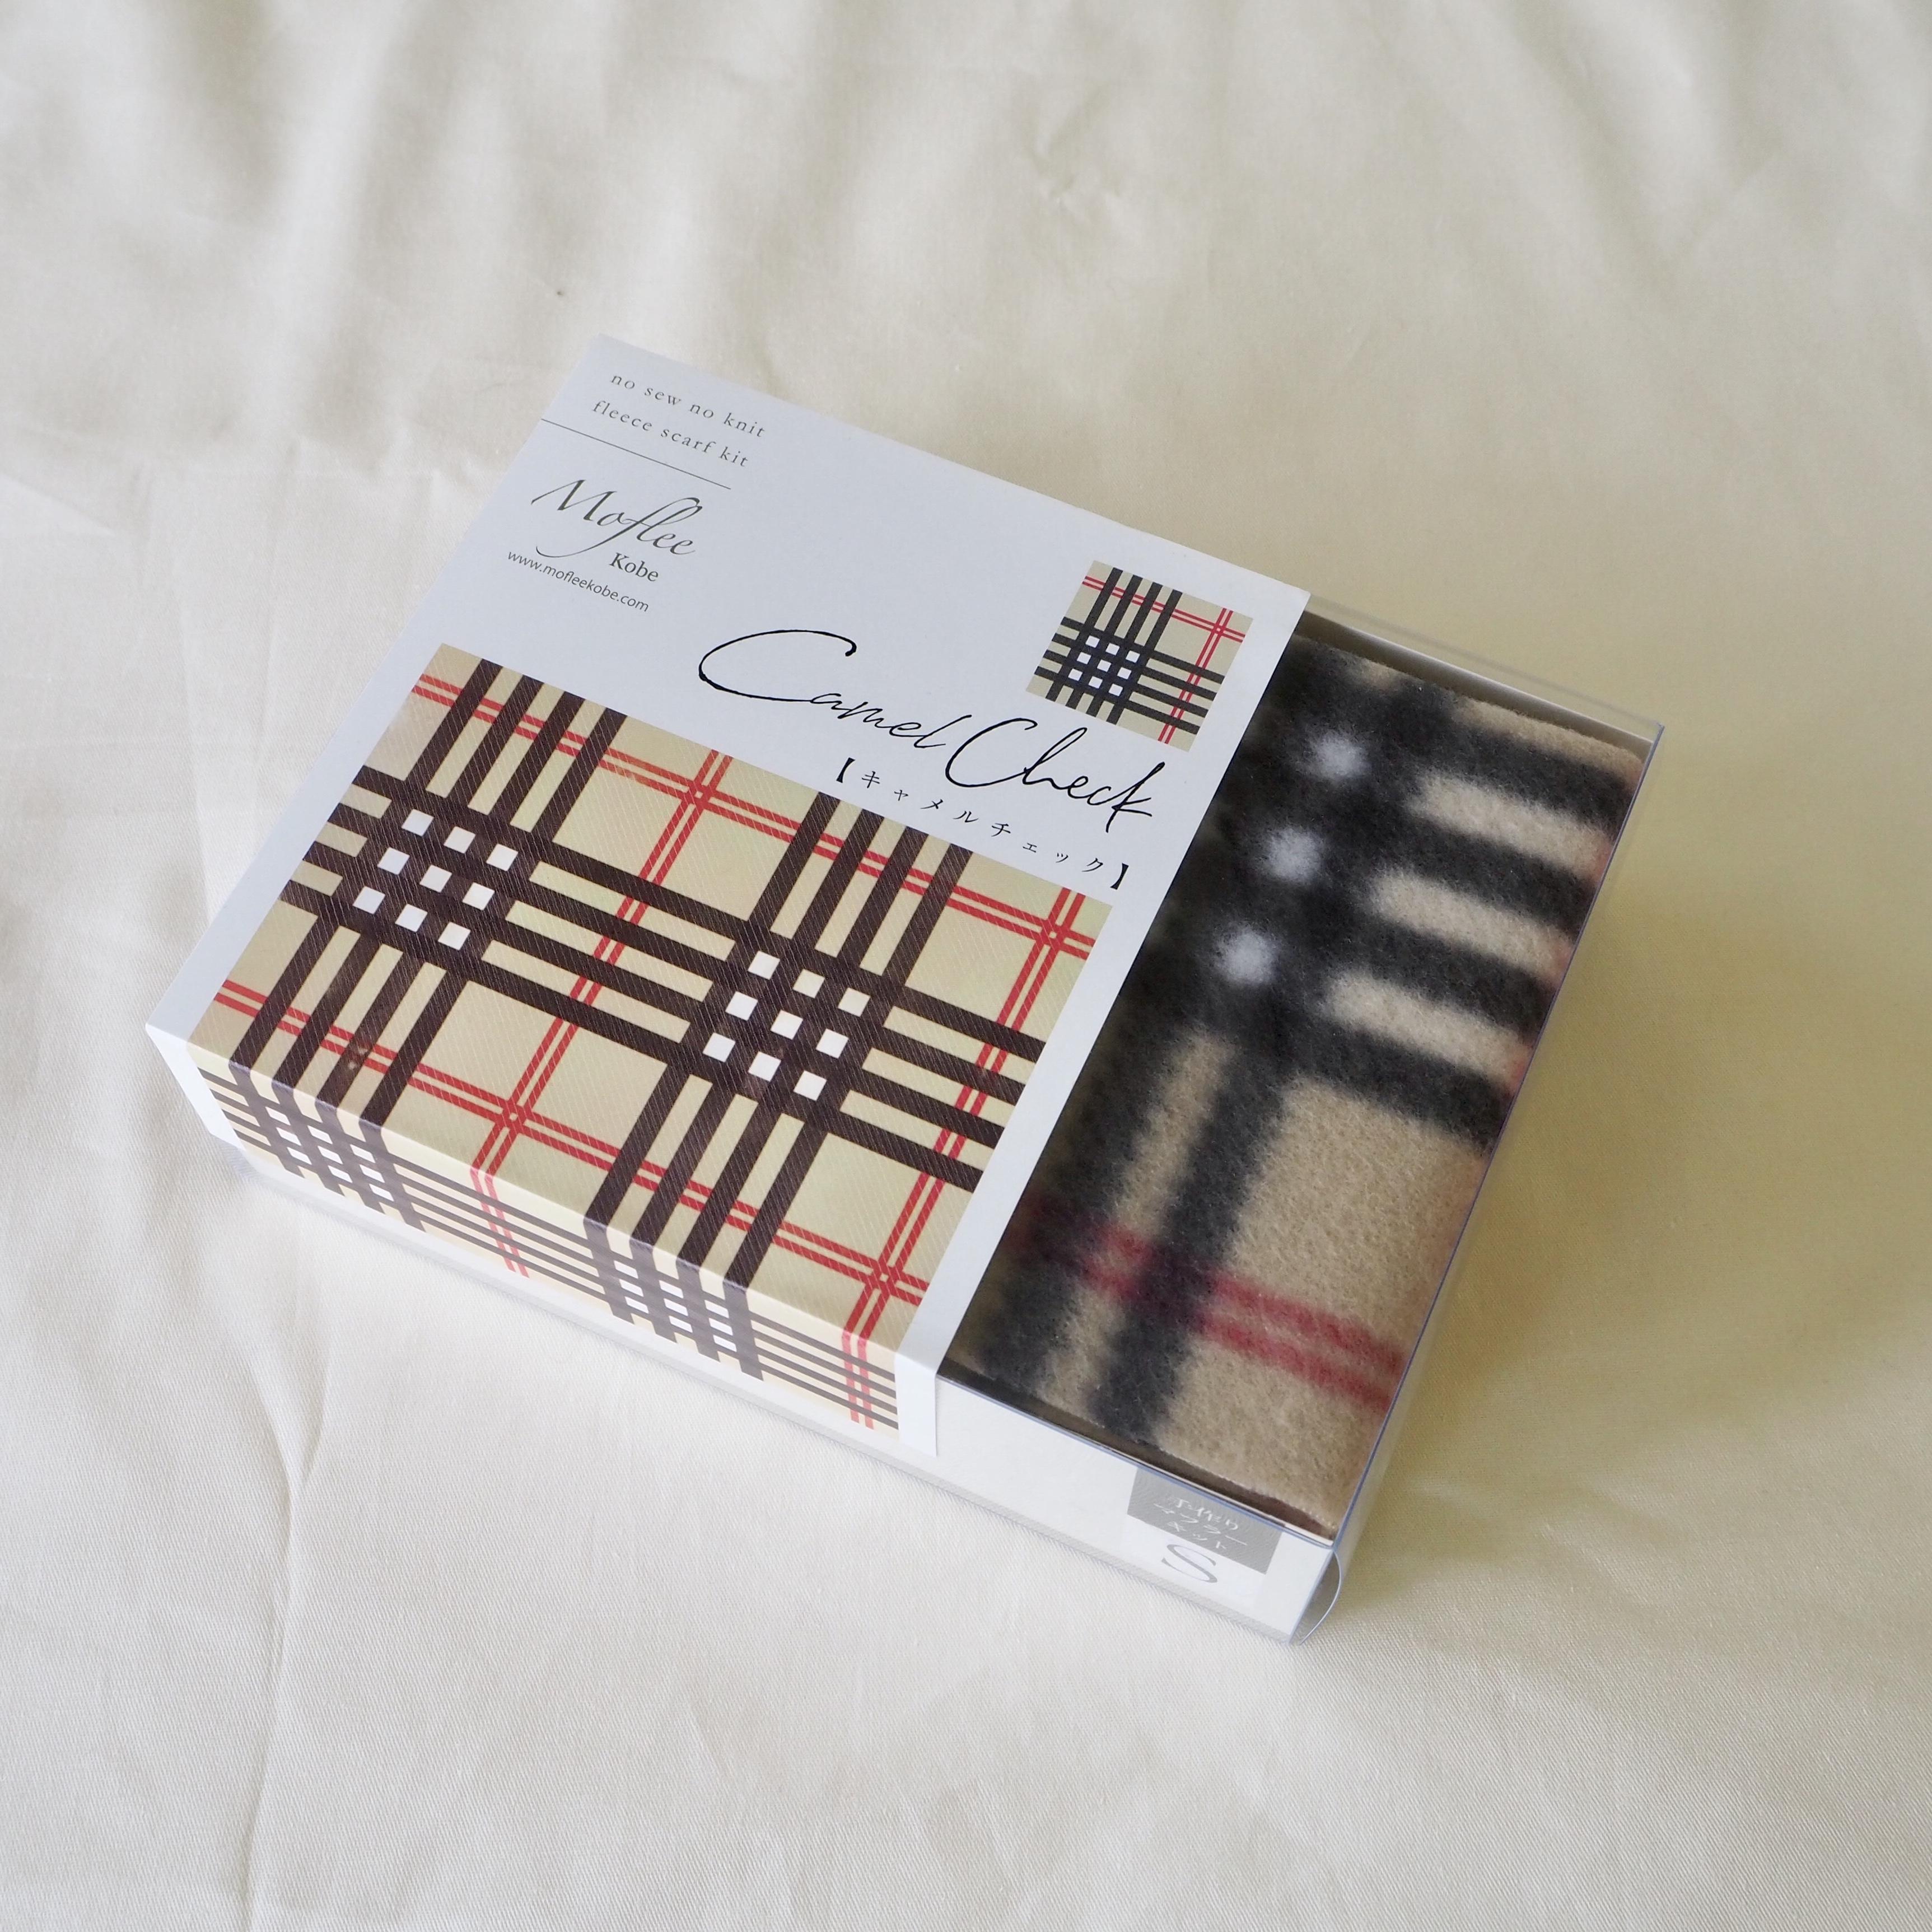 動画付手作りマフラーキット【モフリー Kit Box】 キャメルチェック Camel Check ◆Sサイズ